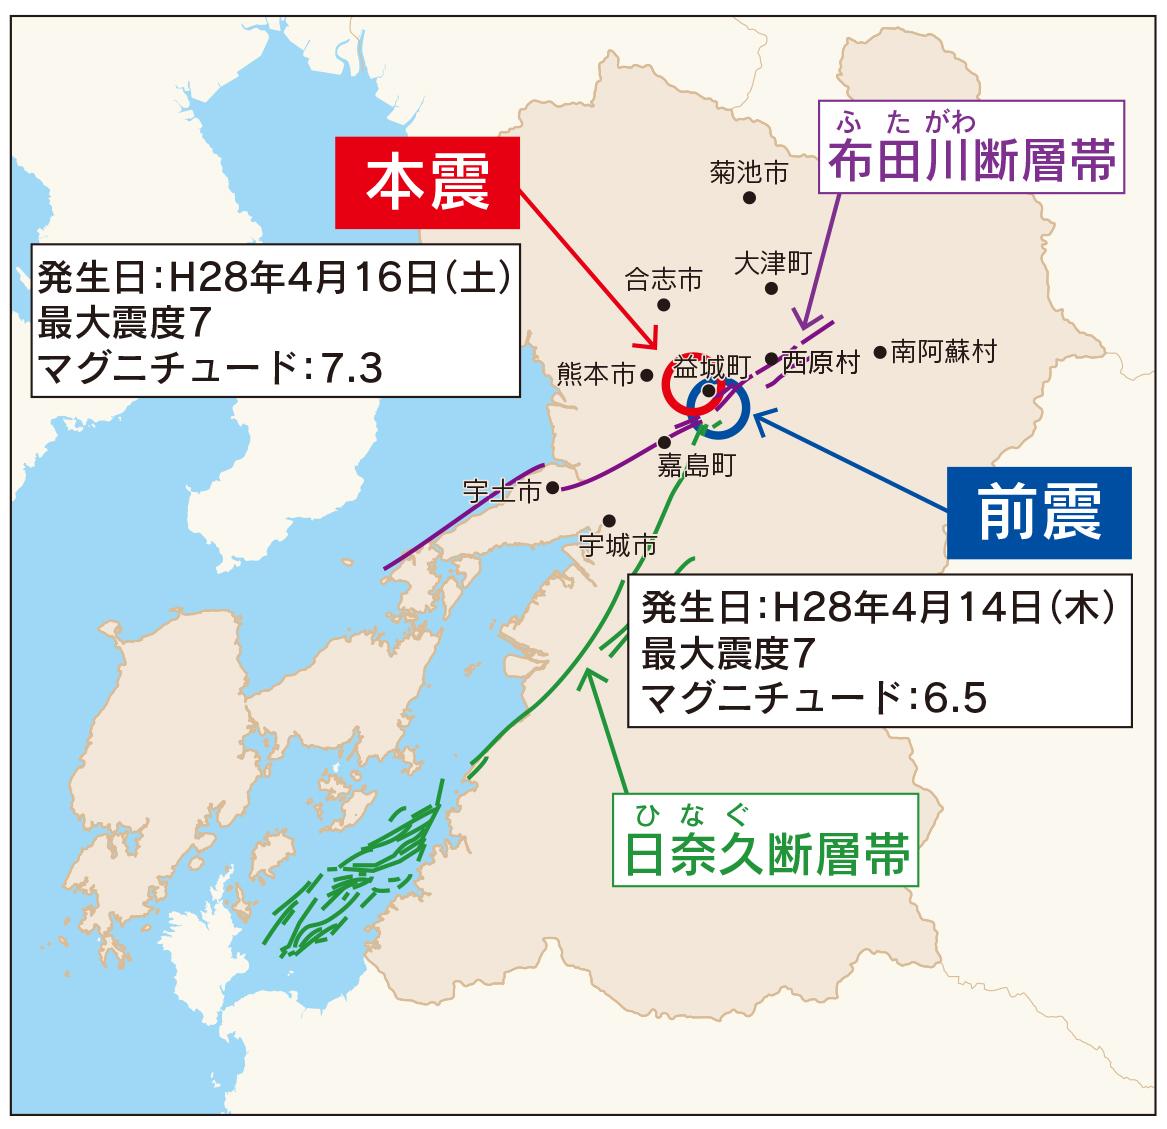 熊本 地震 前震 <熊本地震>14日夜の震度7は「前震だった」 本震・余震との違いは?(THE